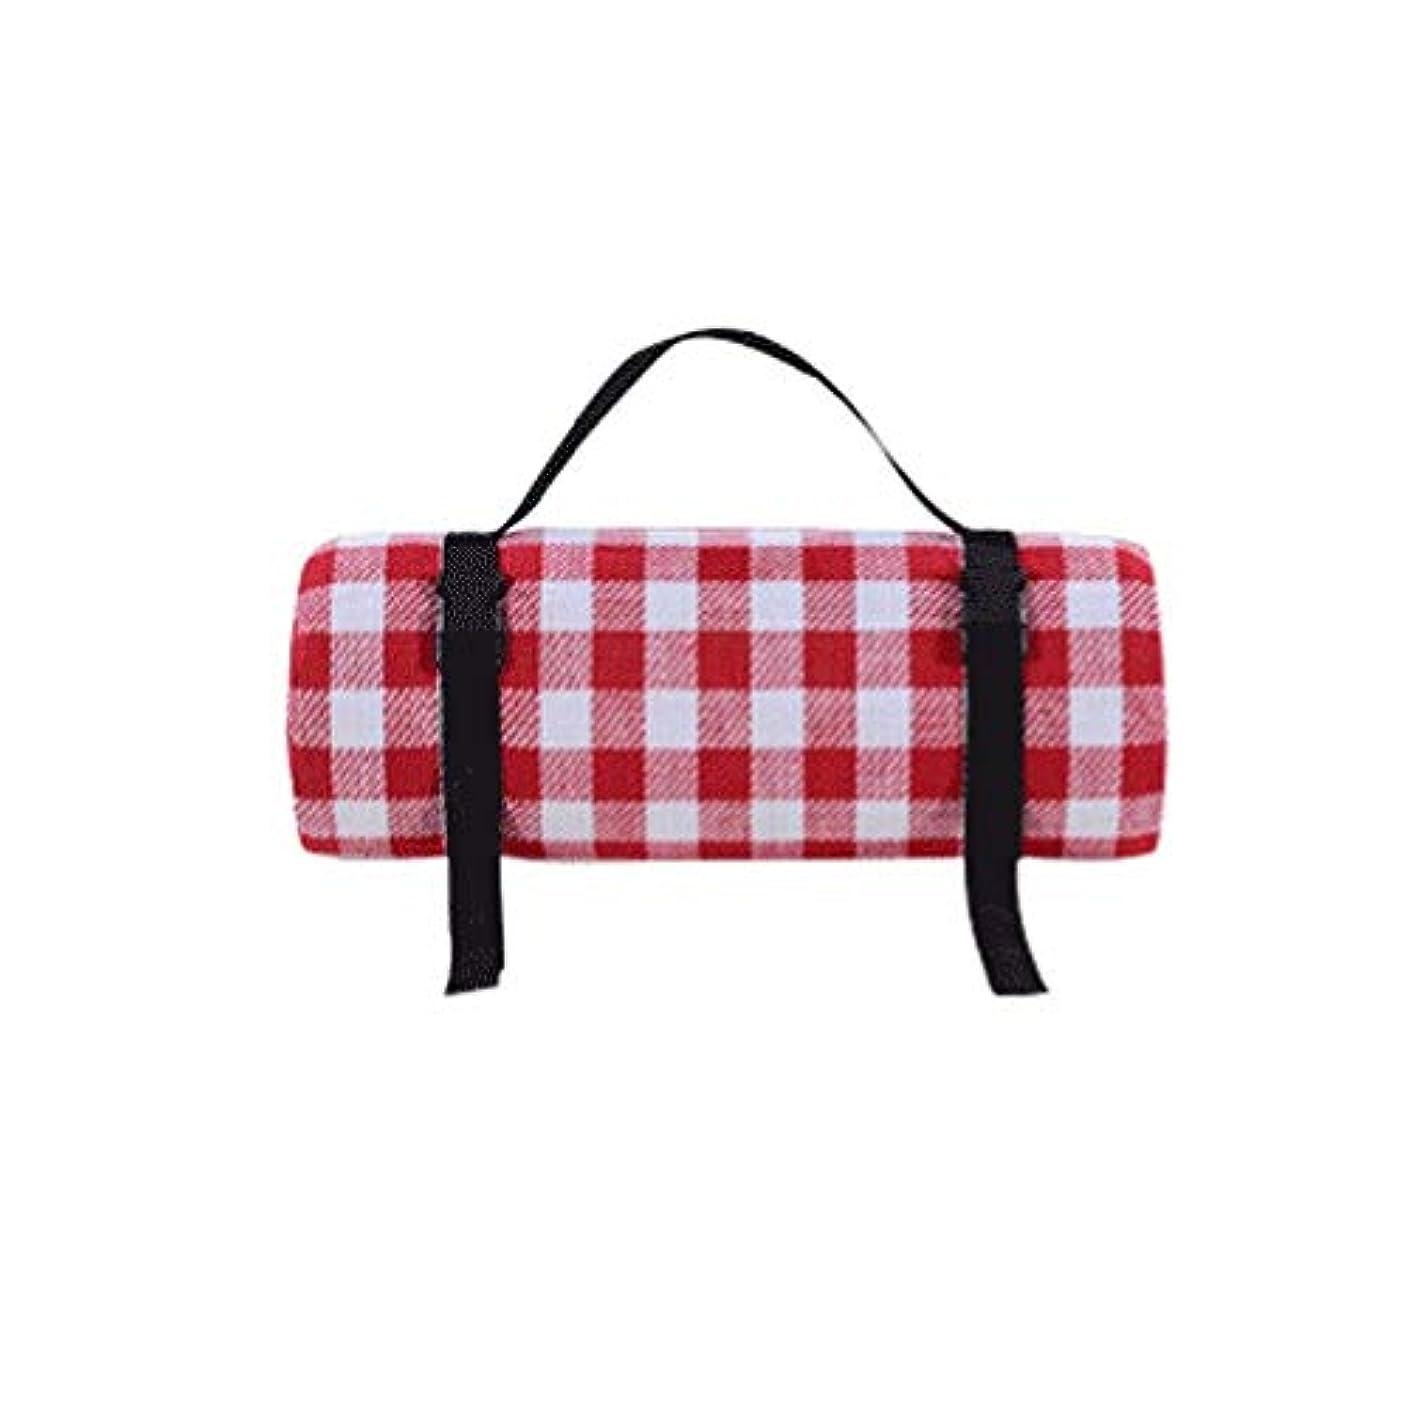 協定財産運命的なピクニックマット、アウトドアキャンプブランケット、携帯用防水、キャンプのお手入れが簡単、ピクニックバーベキュー旅行に最適、キャンプ、ハイキング、ミュージックマット (色 : A)